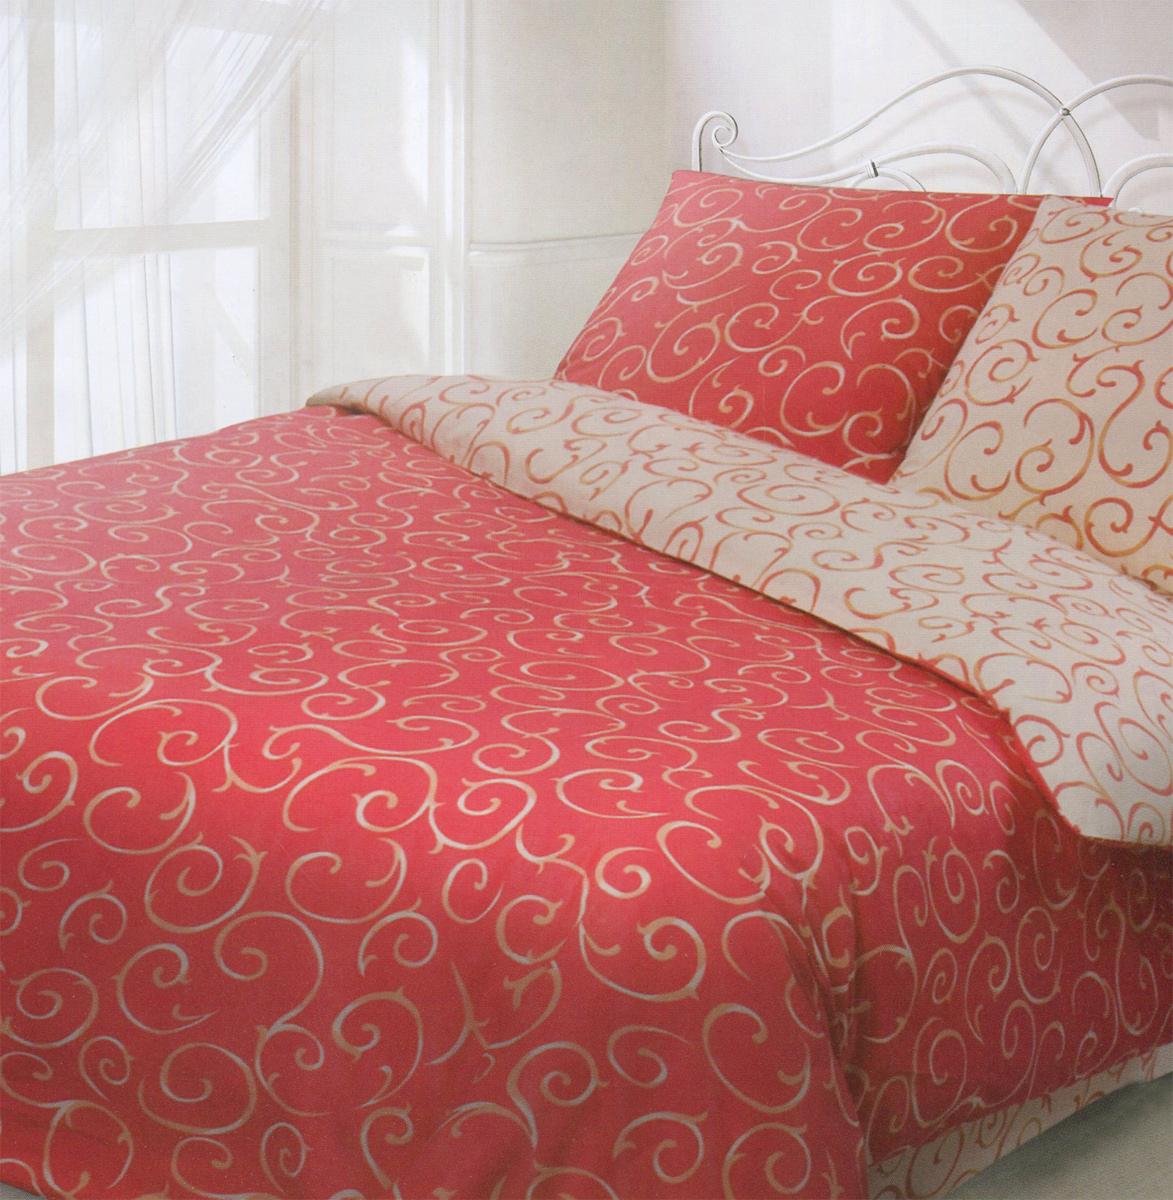 Комплект белья Гармония Барокко, евро, наволочки 50x70, цвет: красный, бежевый190816Комплект постельного белья Гармония Барокко является экологически безопасным, так как выполнен из поплина (100% хлопок). Комплект состоит из пододеяльника, простыни и двух наволочек. Постельное белье оформлено оригинальным орнаментом и имеет изысканный внешний вид.Постельное белье Гармония - лучший выбор для современной хозяйки! Его отличают демократичная цена и отличное качество.Гармония производится из поплина - 100% хлопковой ткани. Поплин мягкий и приятный на ощупь. Кроме того, эта ткань не требует особого ухода, легко стирается и прекрасно держит форму. Высококачественные красители, которые используются при производстве постельного белья, экологичны и сохраняют свой цвет даже после многочисленных стирок.Благодаря высокому качеству ткани и европейским стандартам пошива постельное белье Гармония будет радовать вас долгие годы!